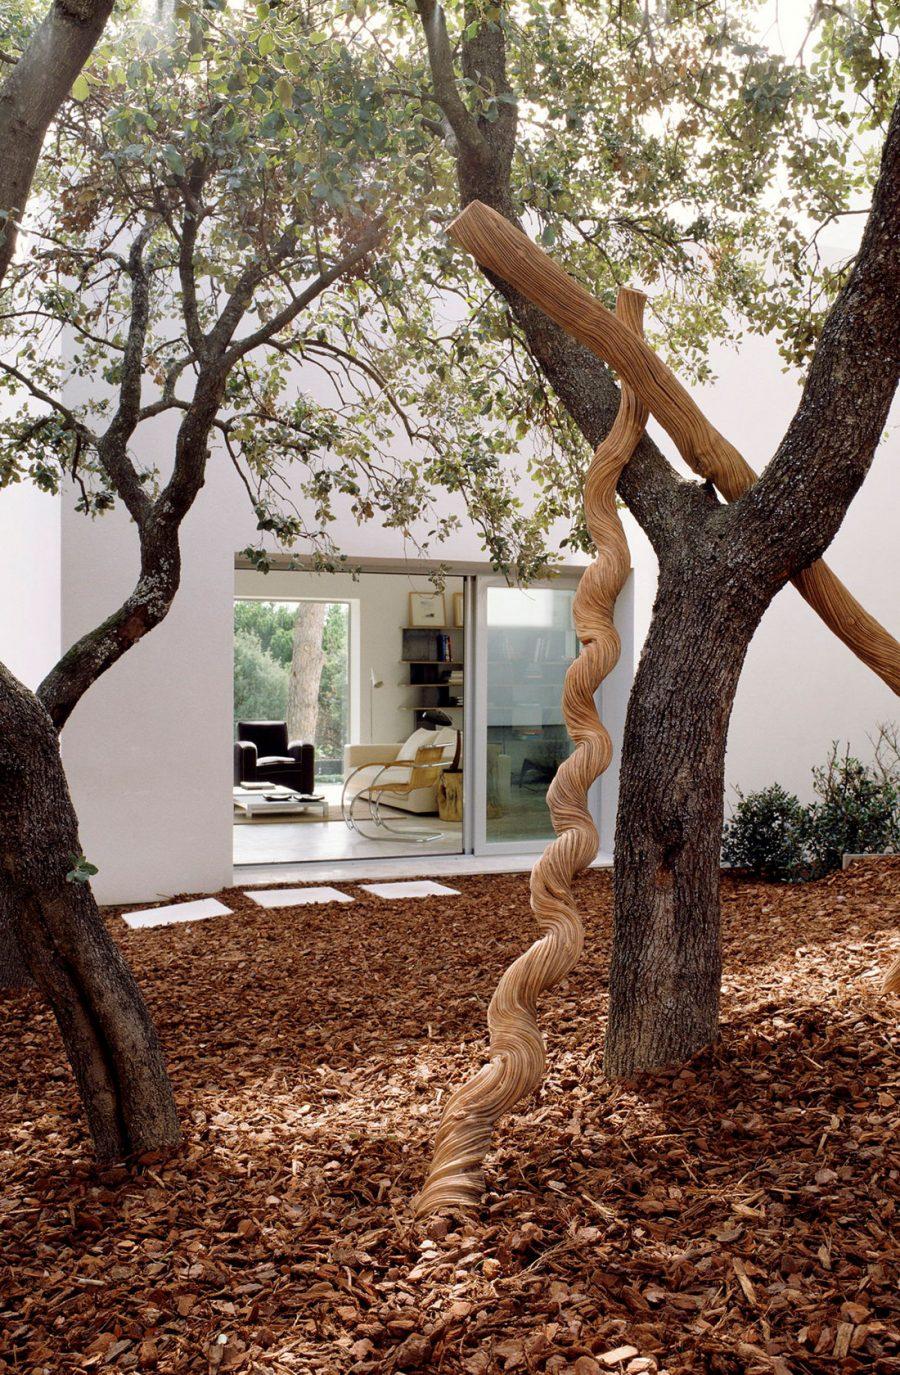 Vista general del Jardín del proyecto de ÁBATON Arquitectura Casa del Pico